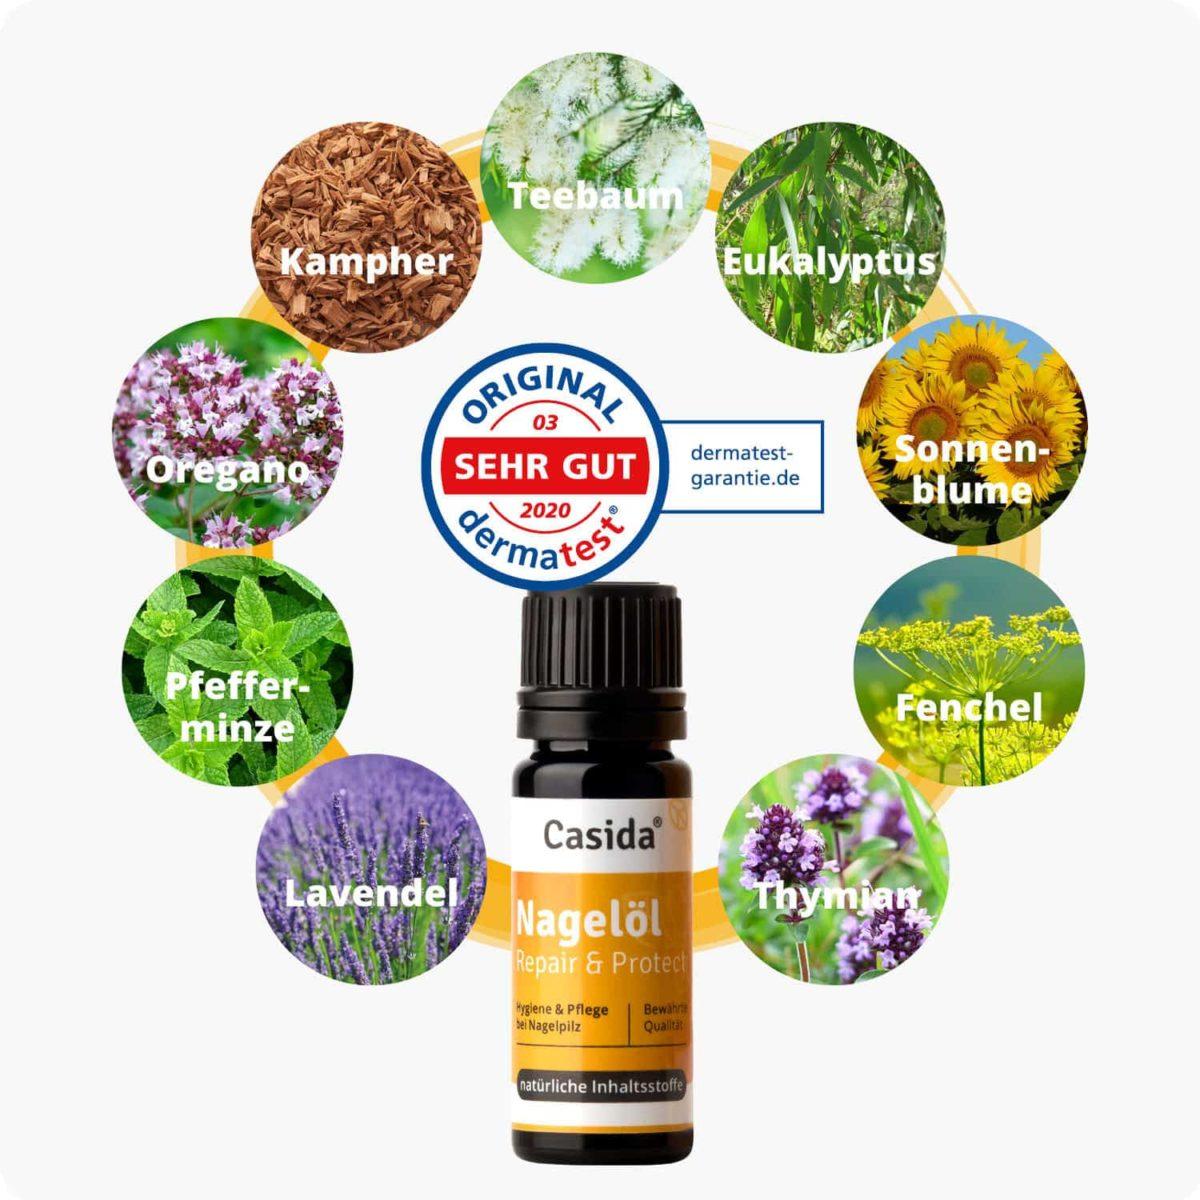 Casida Set Apotheke Nagelöl Fußspray Rabatt Bundle PZN 10022445 10751322 Nagelpilz pflanzlich Natürlich Gesundheitsprodukte3